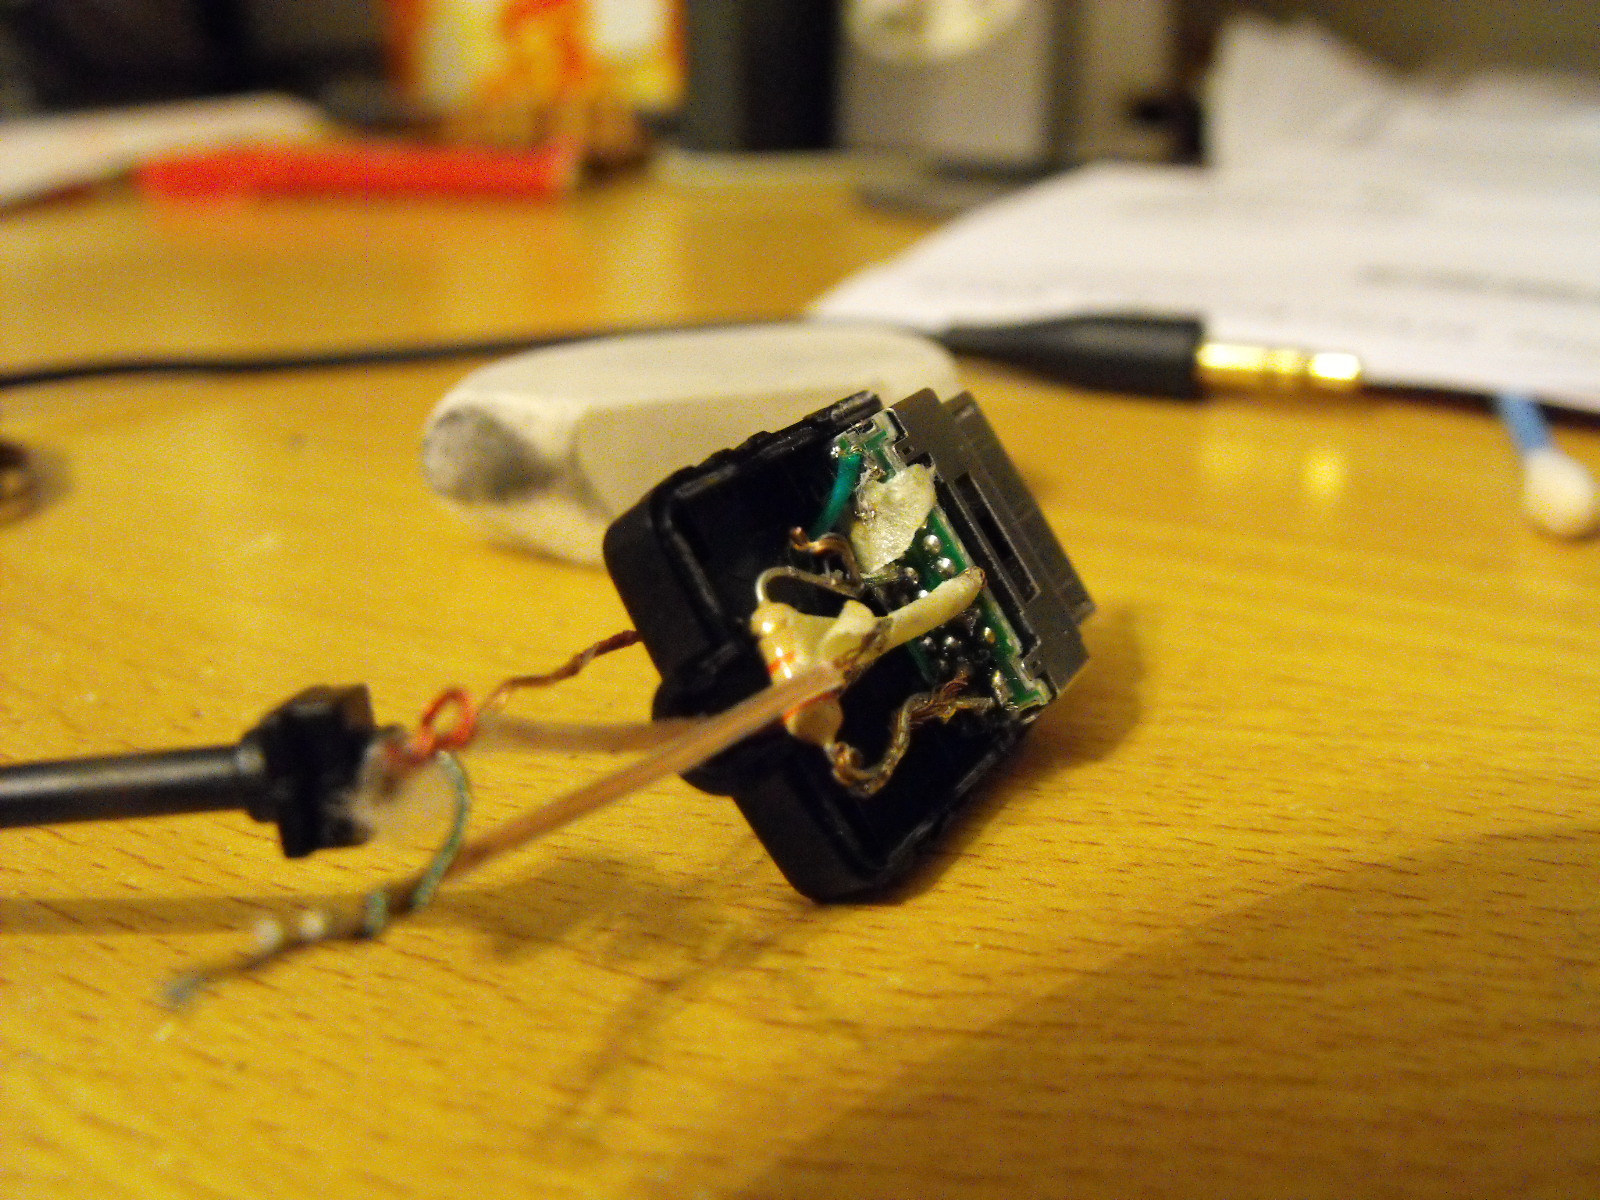 wiring diagram 22 pin walkman [ 1600 x 1200 Pixel ]